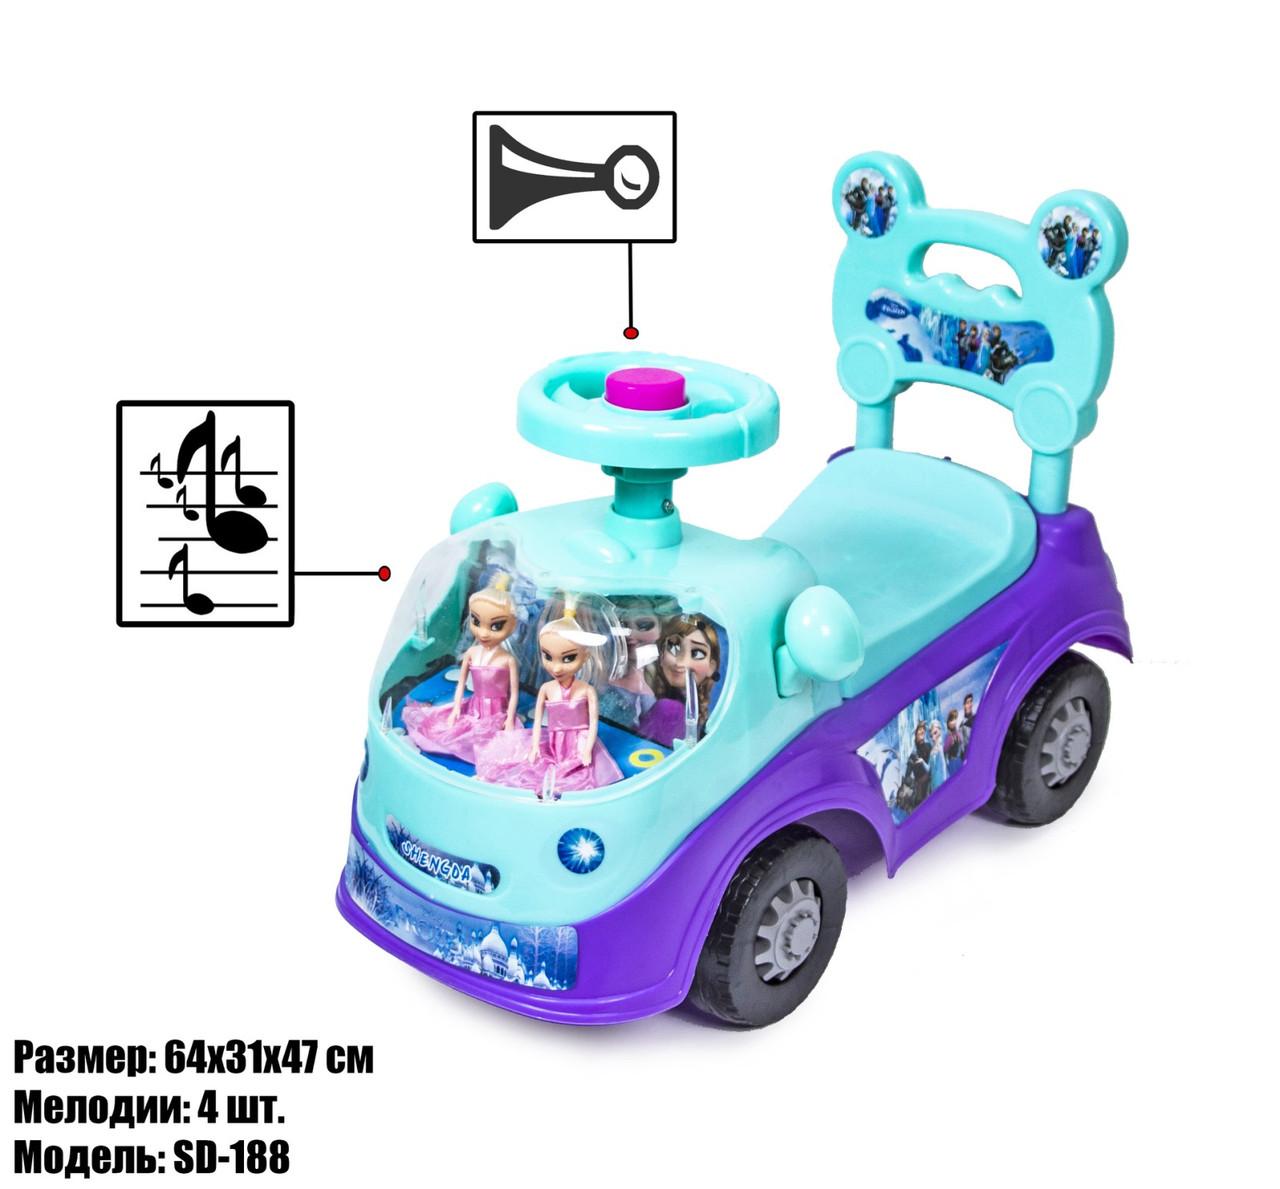 Машинка толокар музыкальная детская каталка для прогулок 4 мелодии Фрозен Frozen 518 Фиолетовый